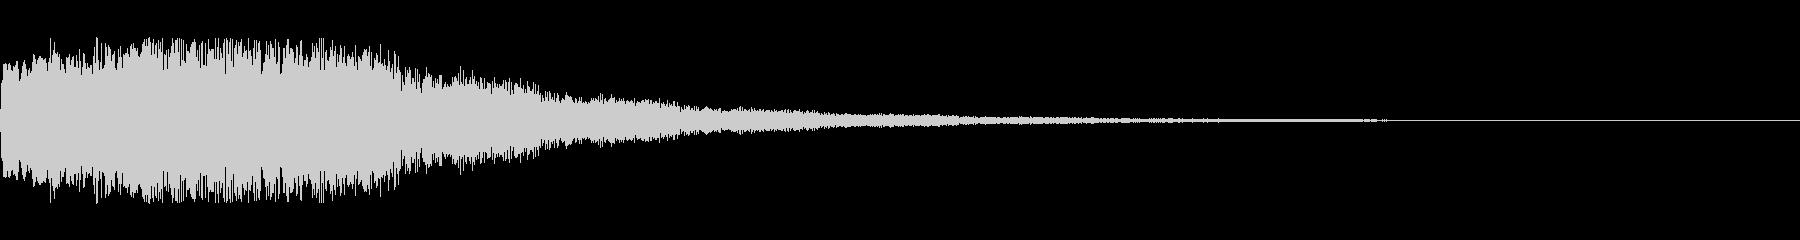 ポワポワした電子音 決定音の未再生の波形